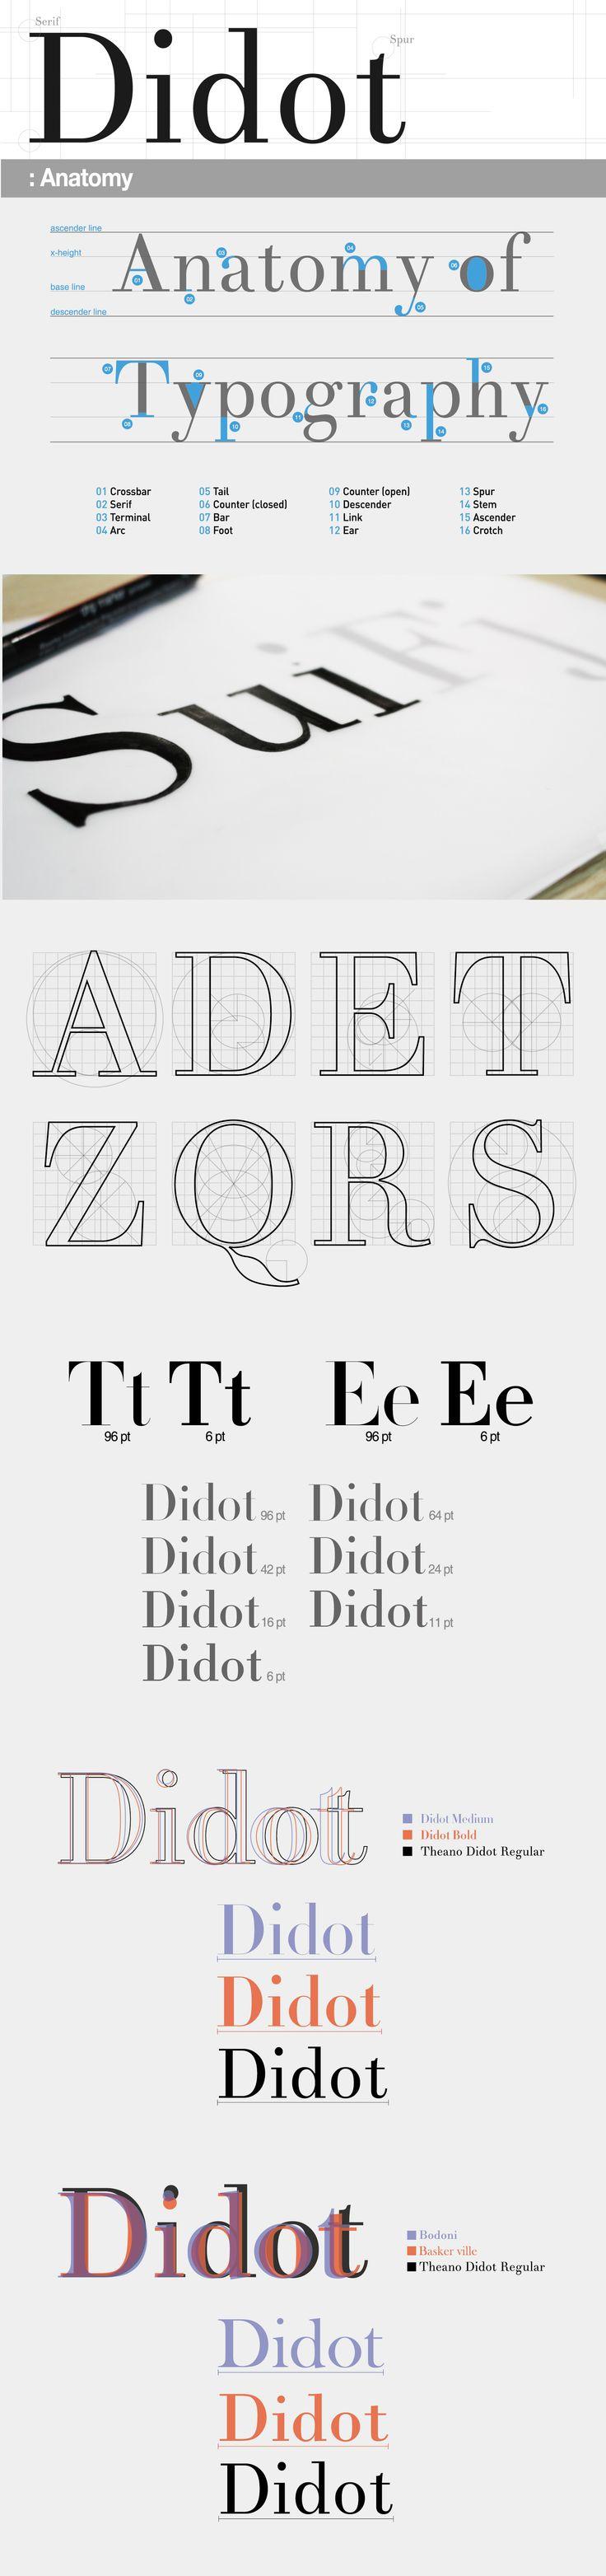 이시훈│ Typography Design 2015│ Major in Digital Media Design│#hicoda │hicoda.hongik.ac.kr